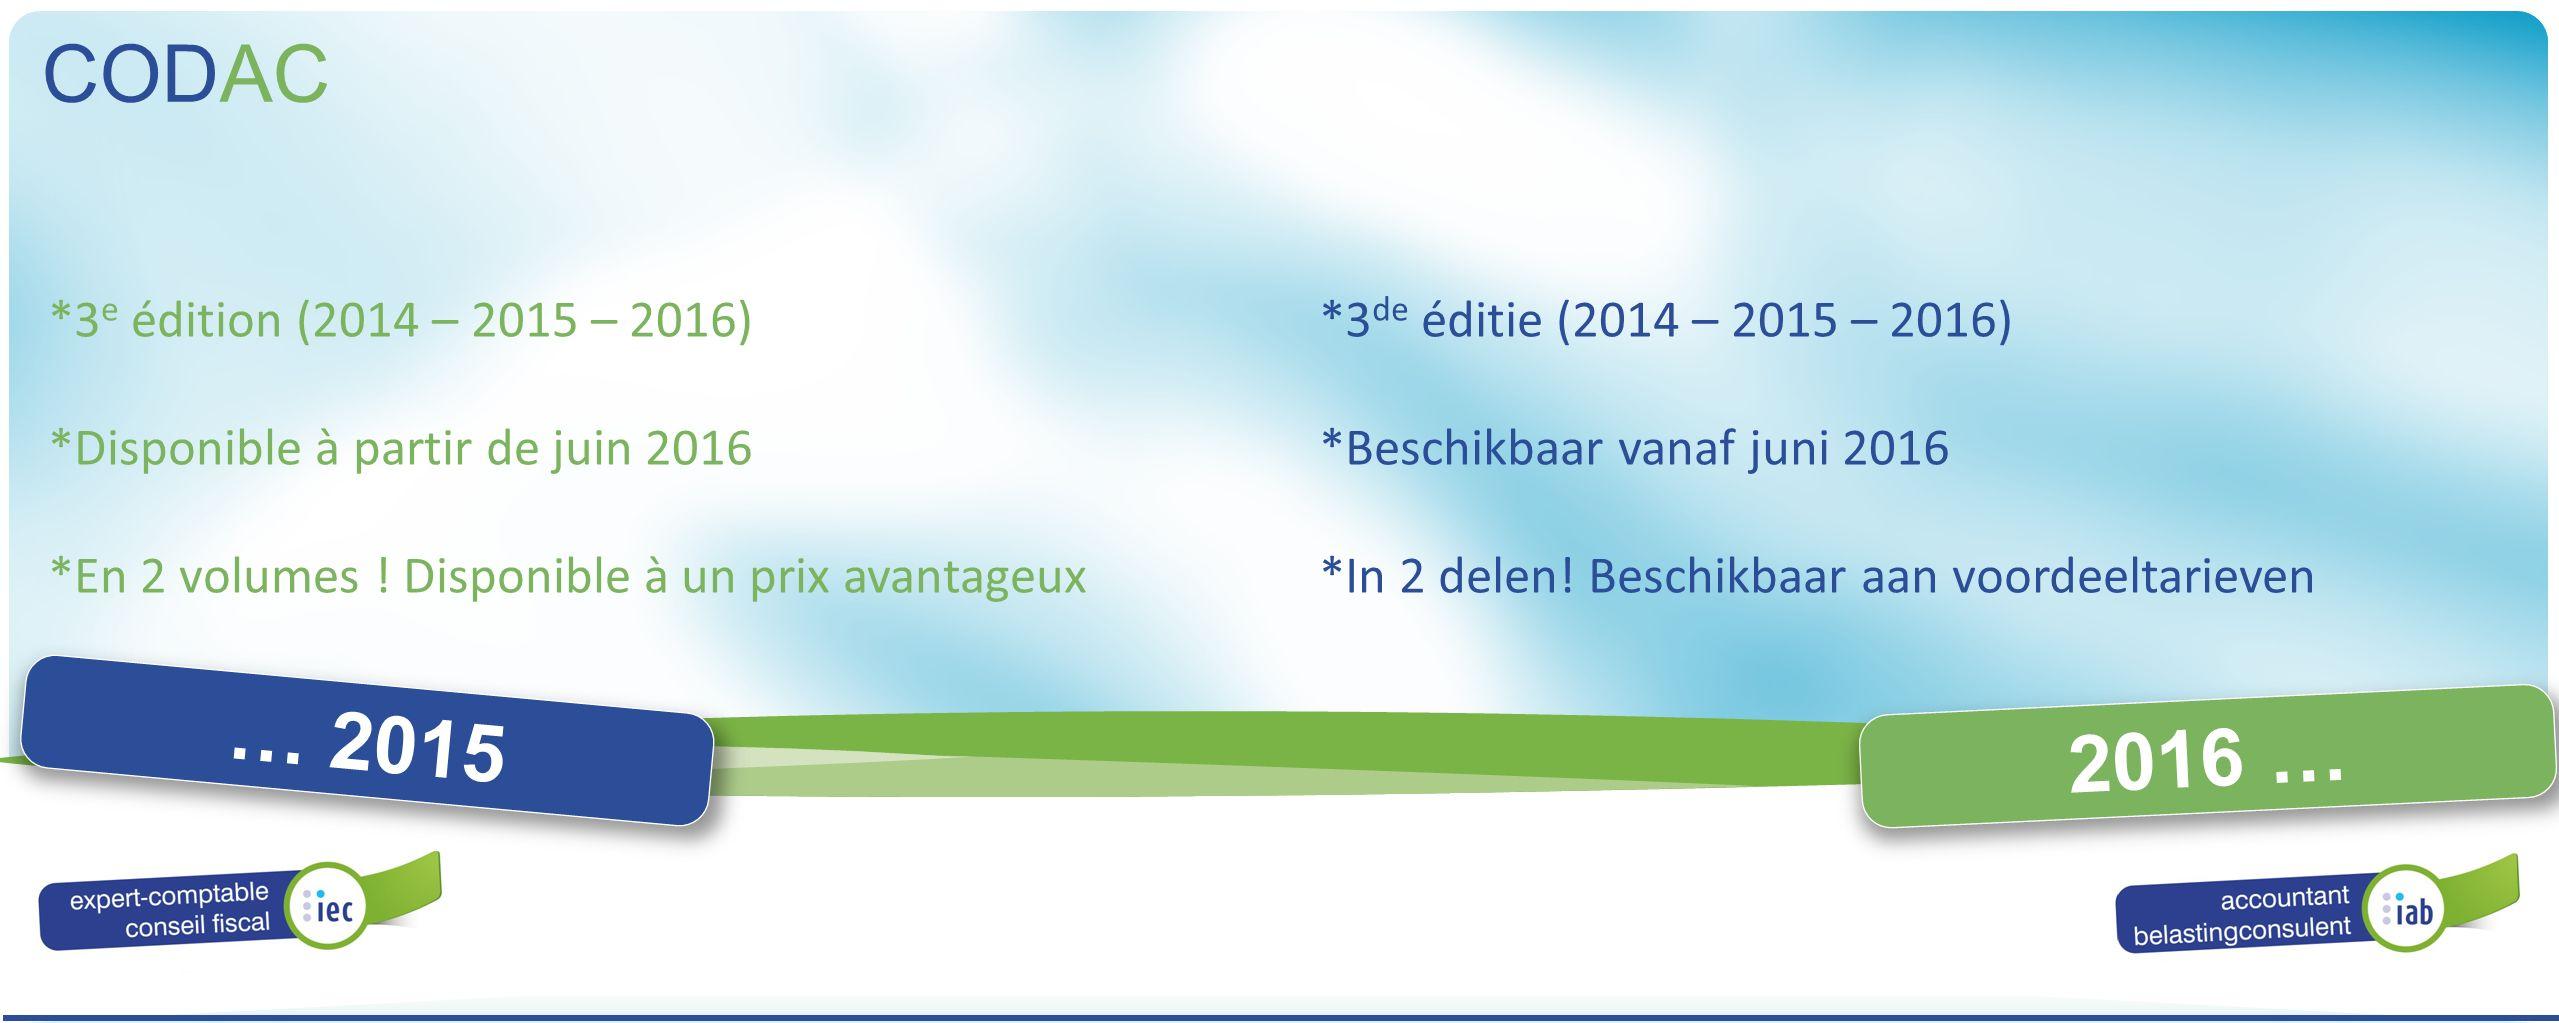 ALGEMENE VERGADERING ASSEMBLÉE GÉNÉRALE 2016 … 2015 CODAC 2016 … *3 e édition (2014 – 2015 – 2016) *Disponible à partir de juin 2016 *En 2 volumes ! D